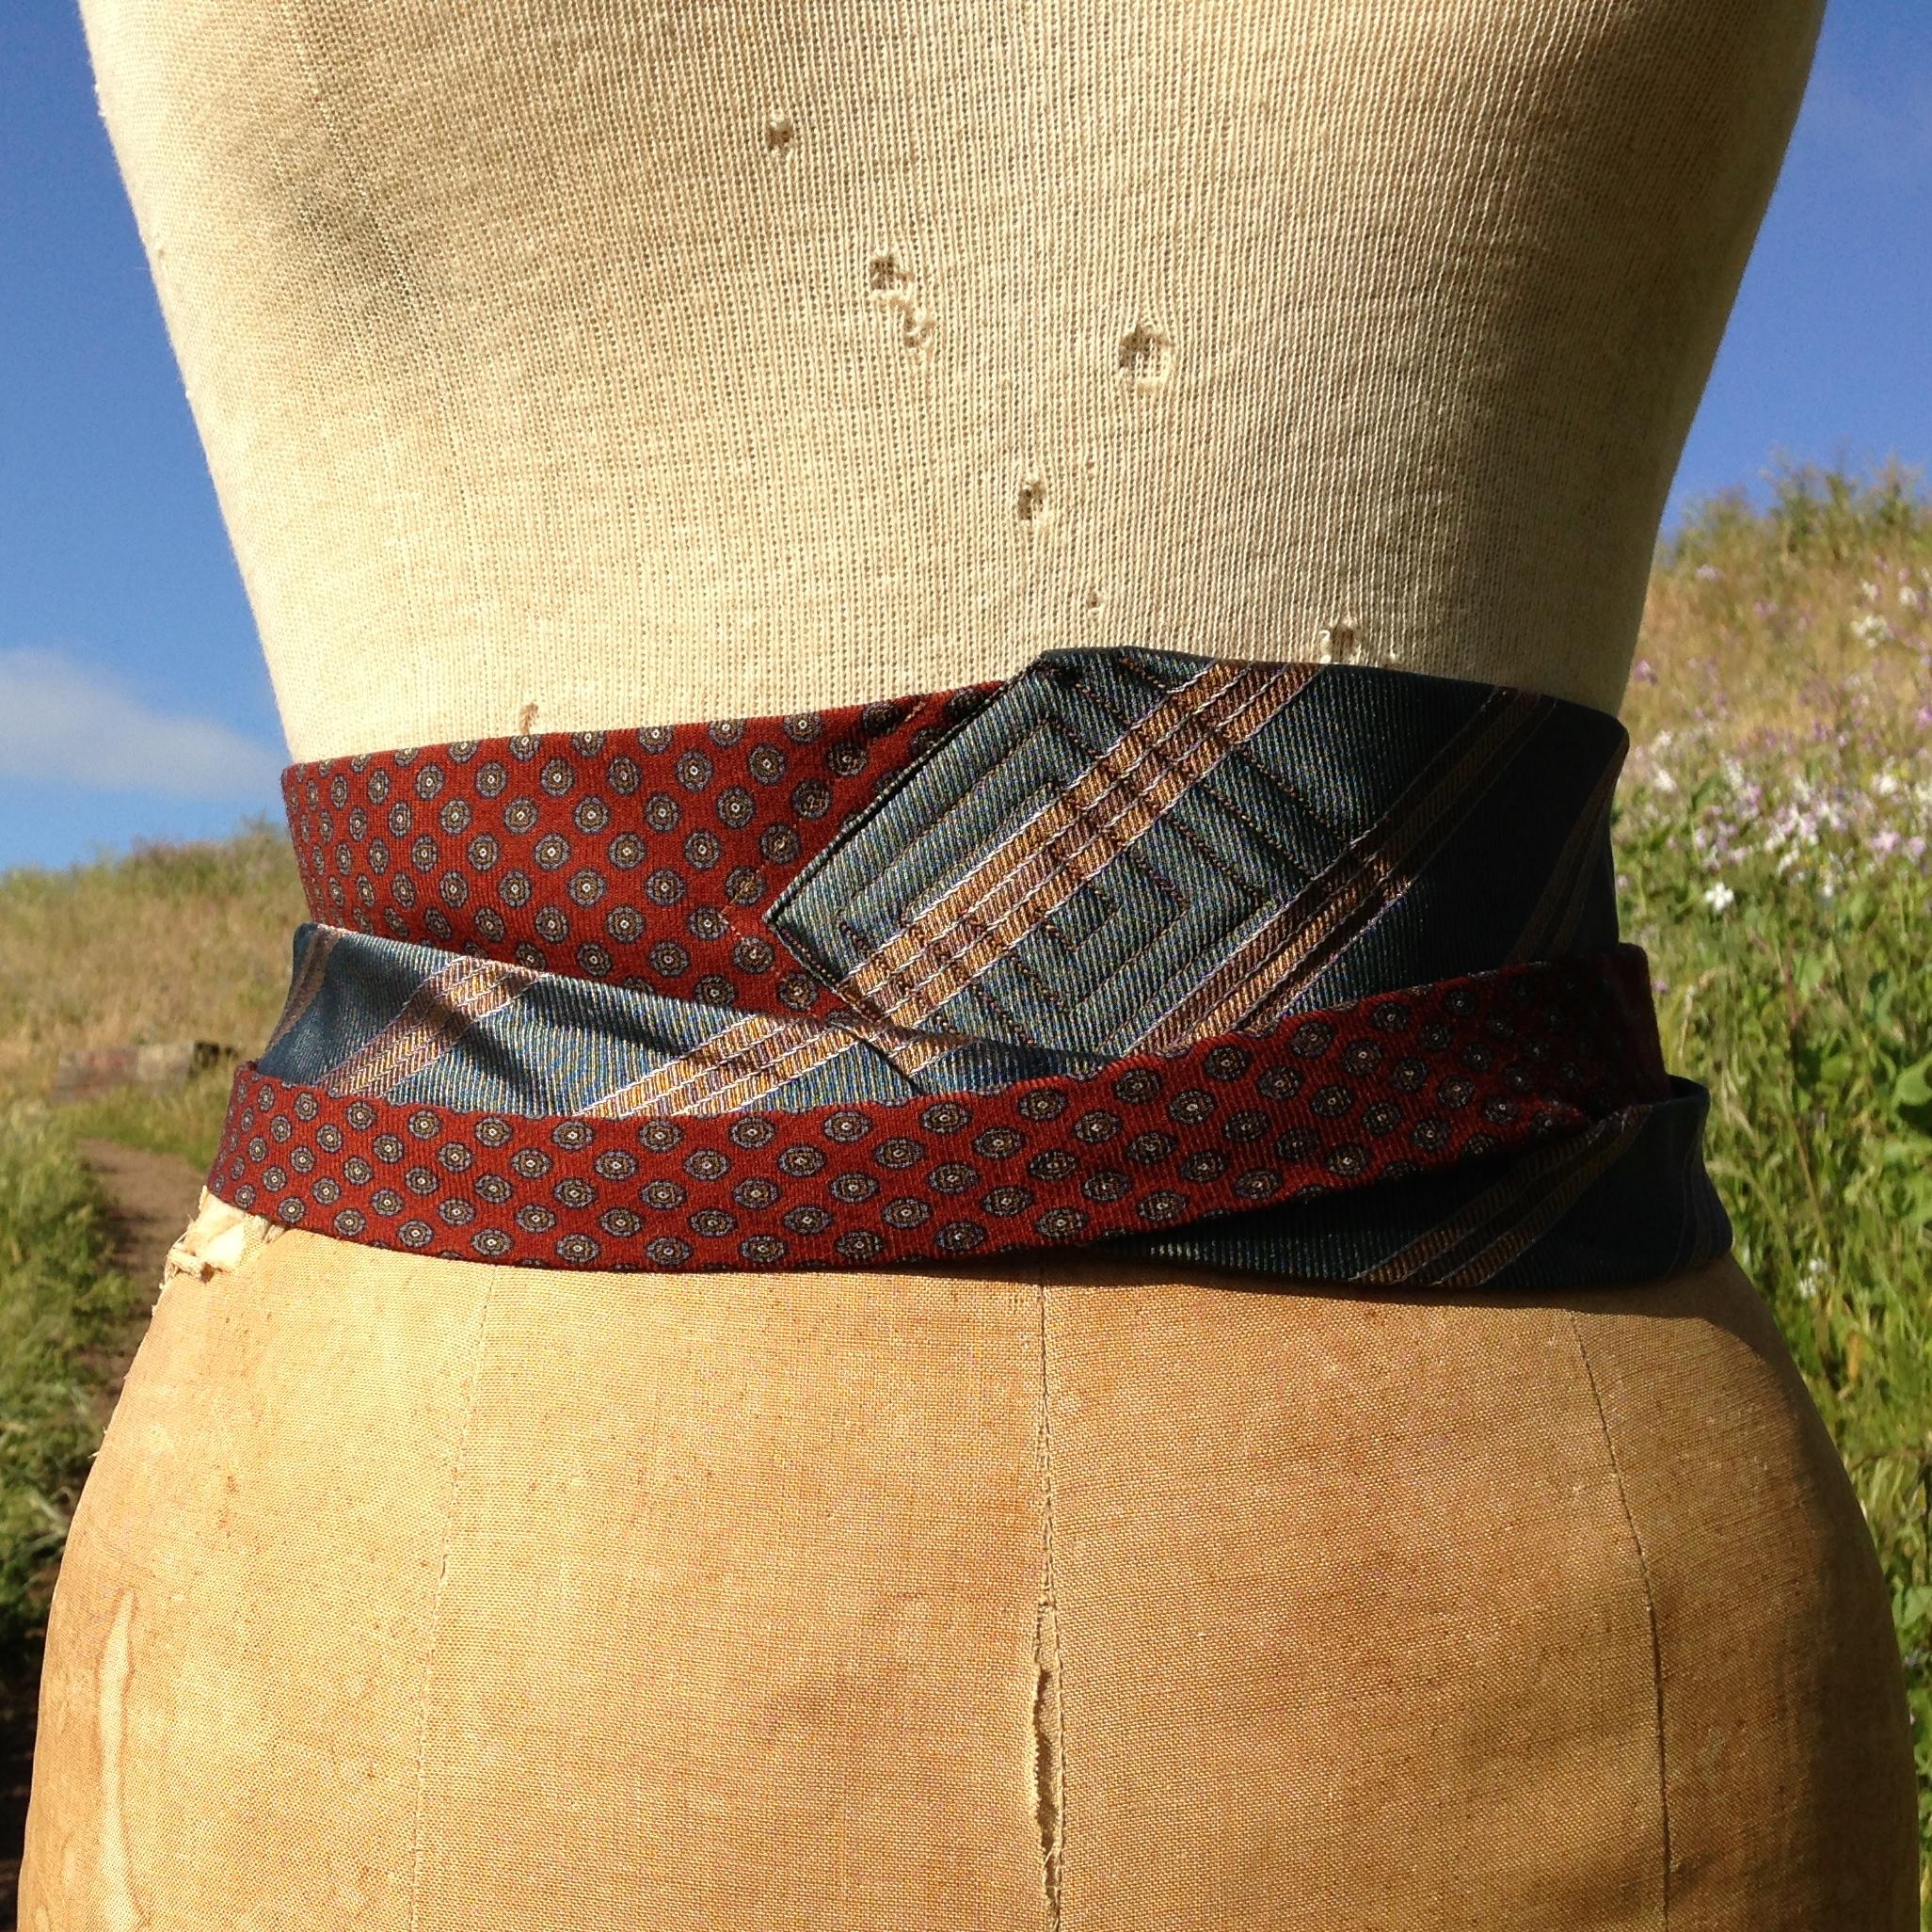 e.b.friday necktie obi. cummerbund wrap.